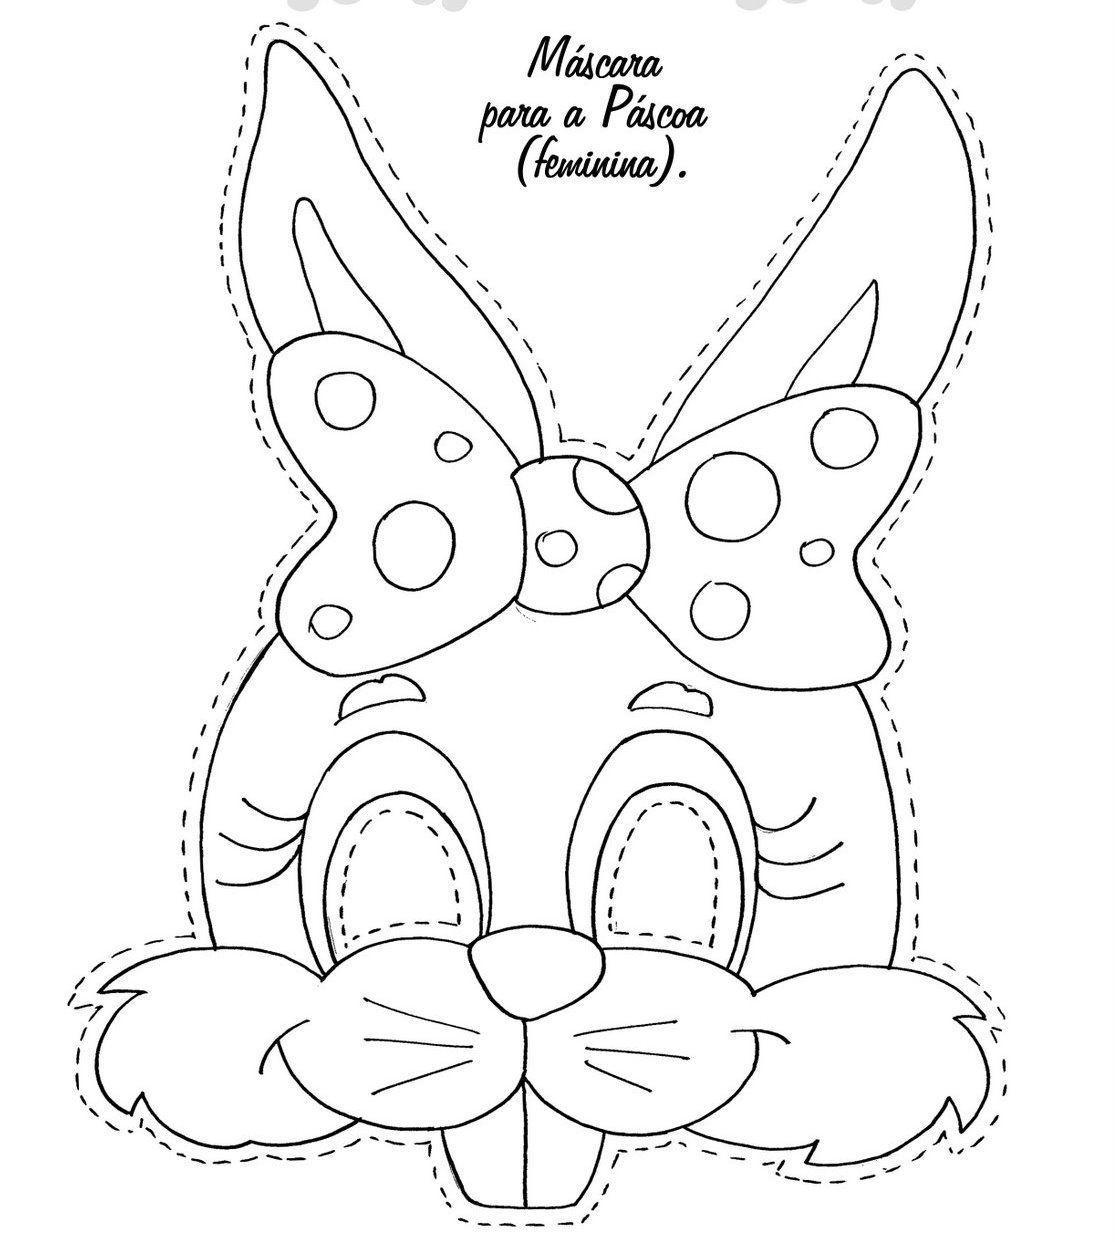 Molde Happy Easter Imagenes | Máscaras de Coelho da Páscoa ...